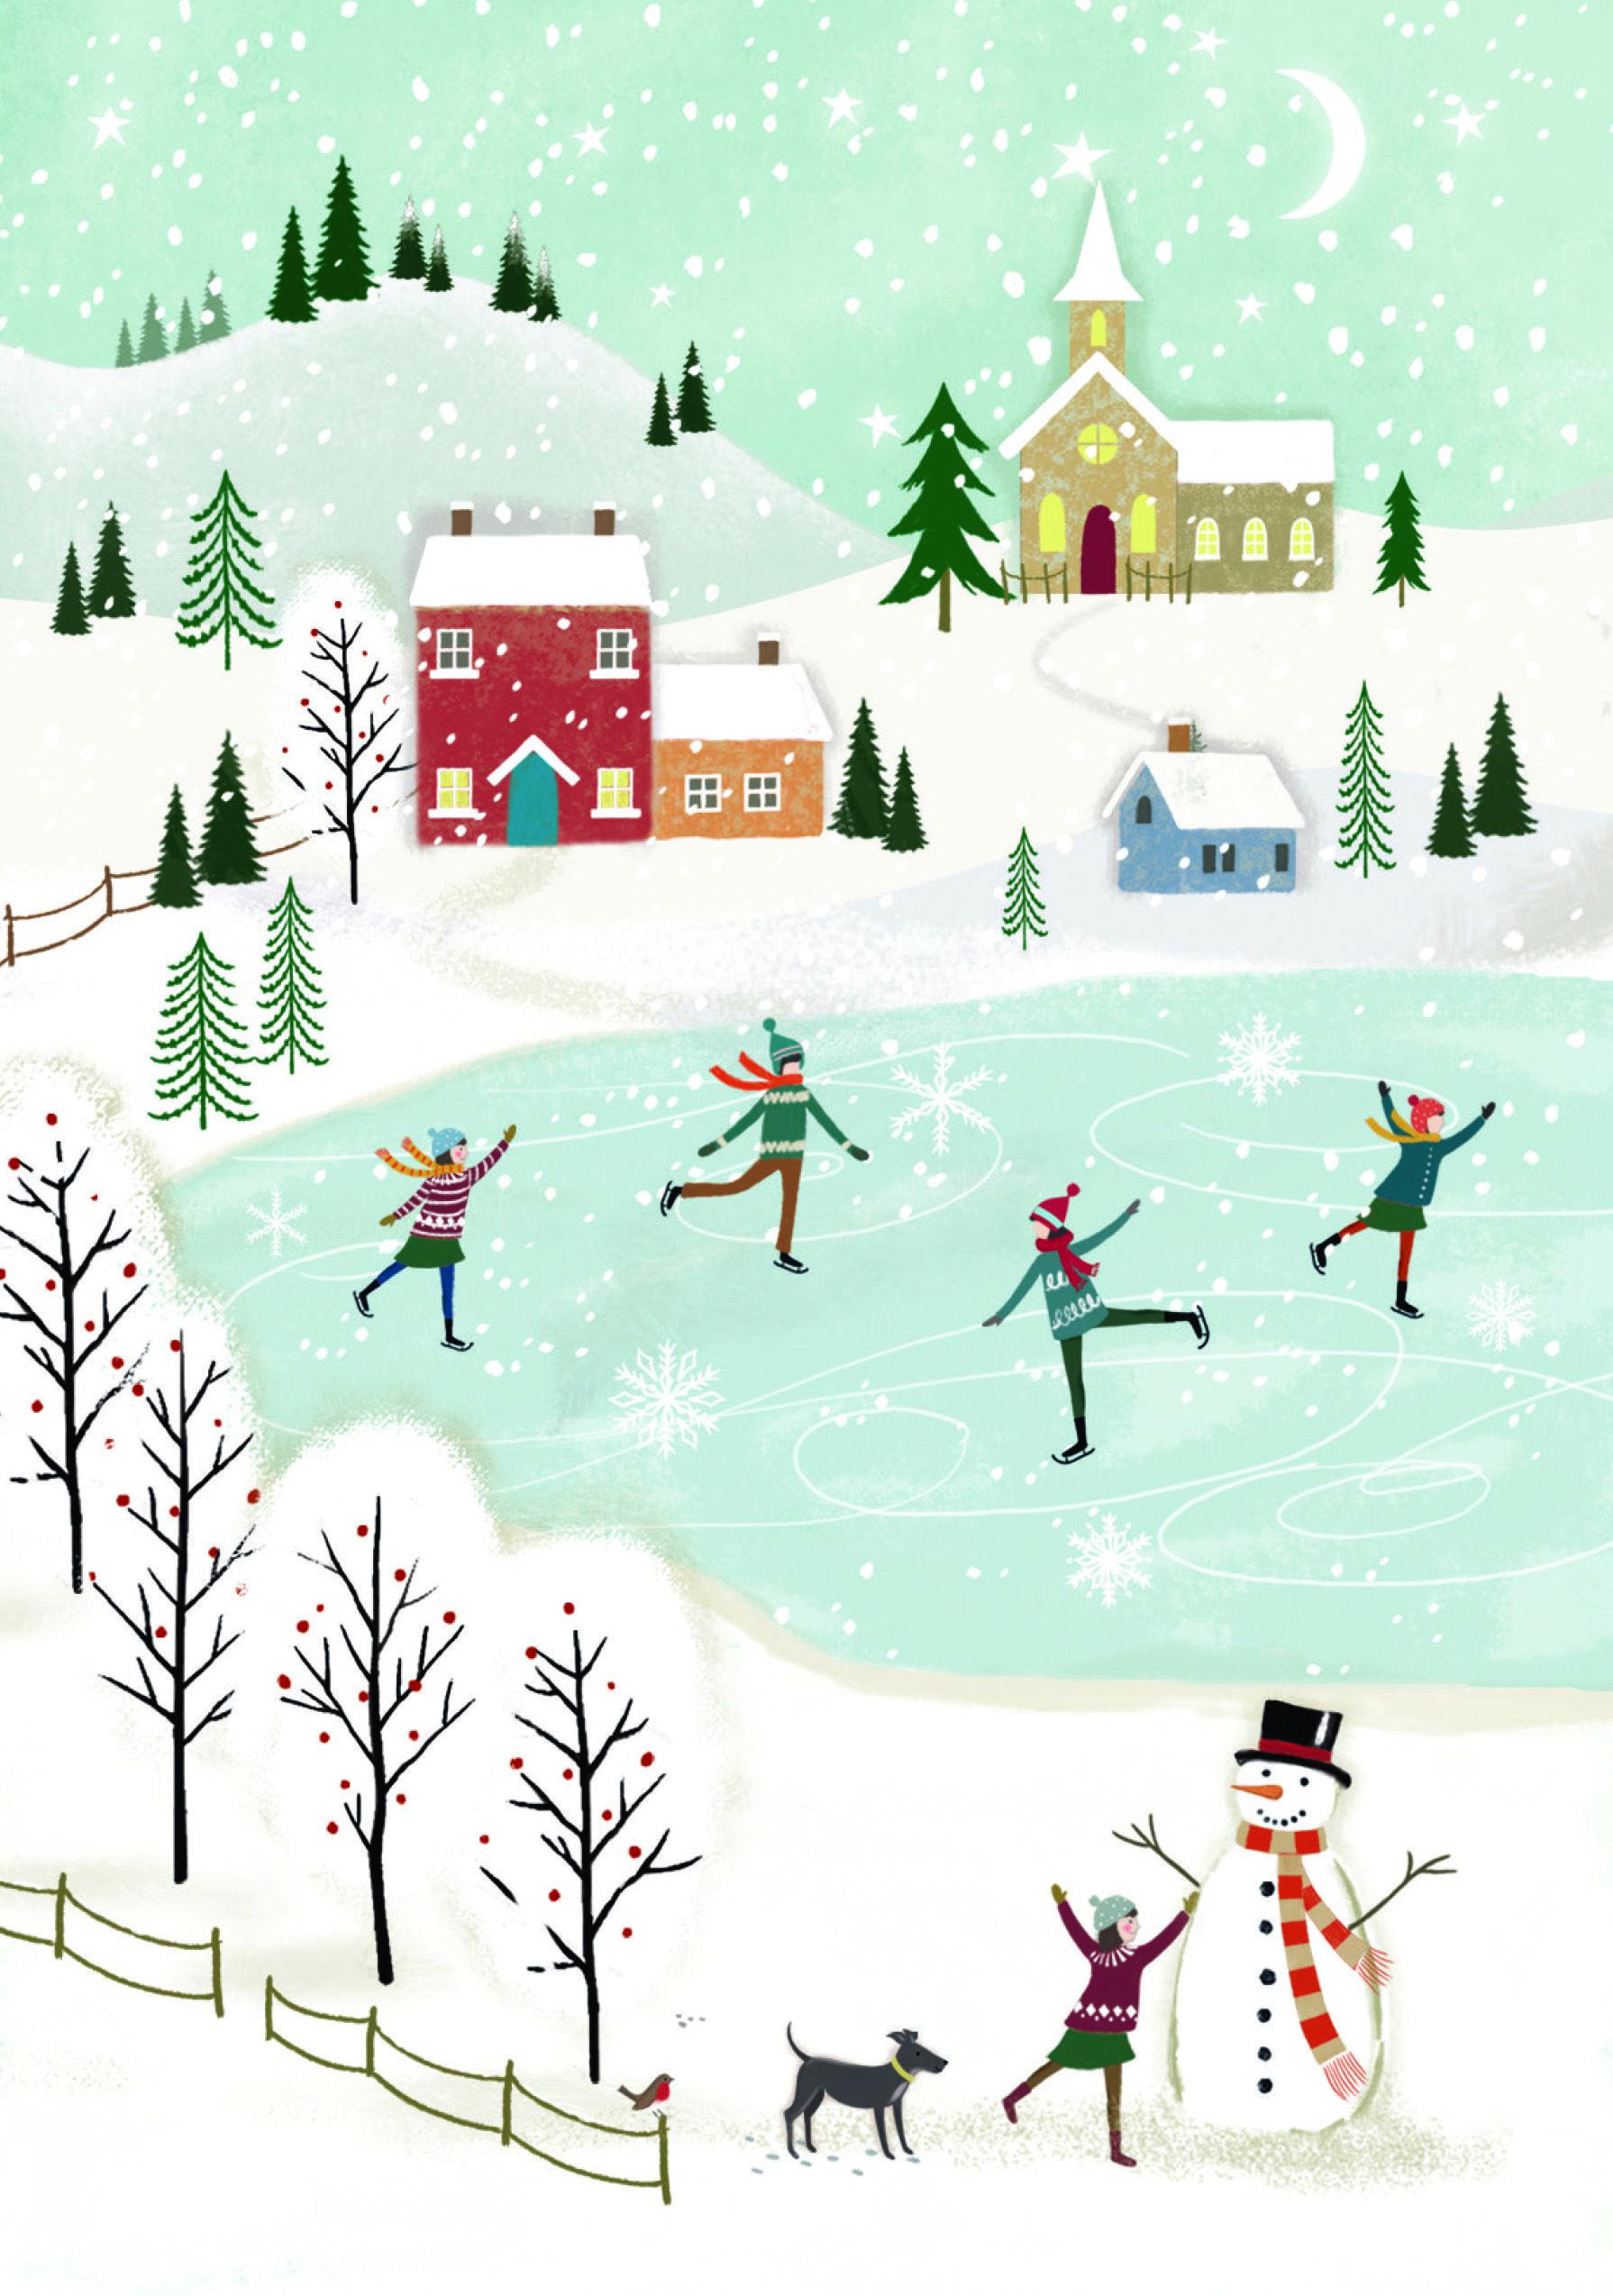 Christmas Skating Charity Christmas Card Christmas